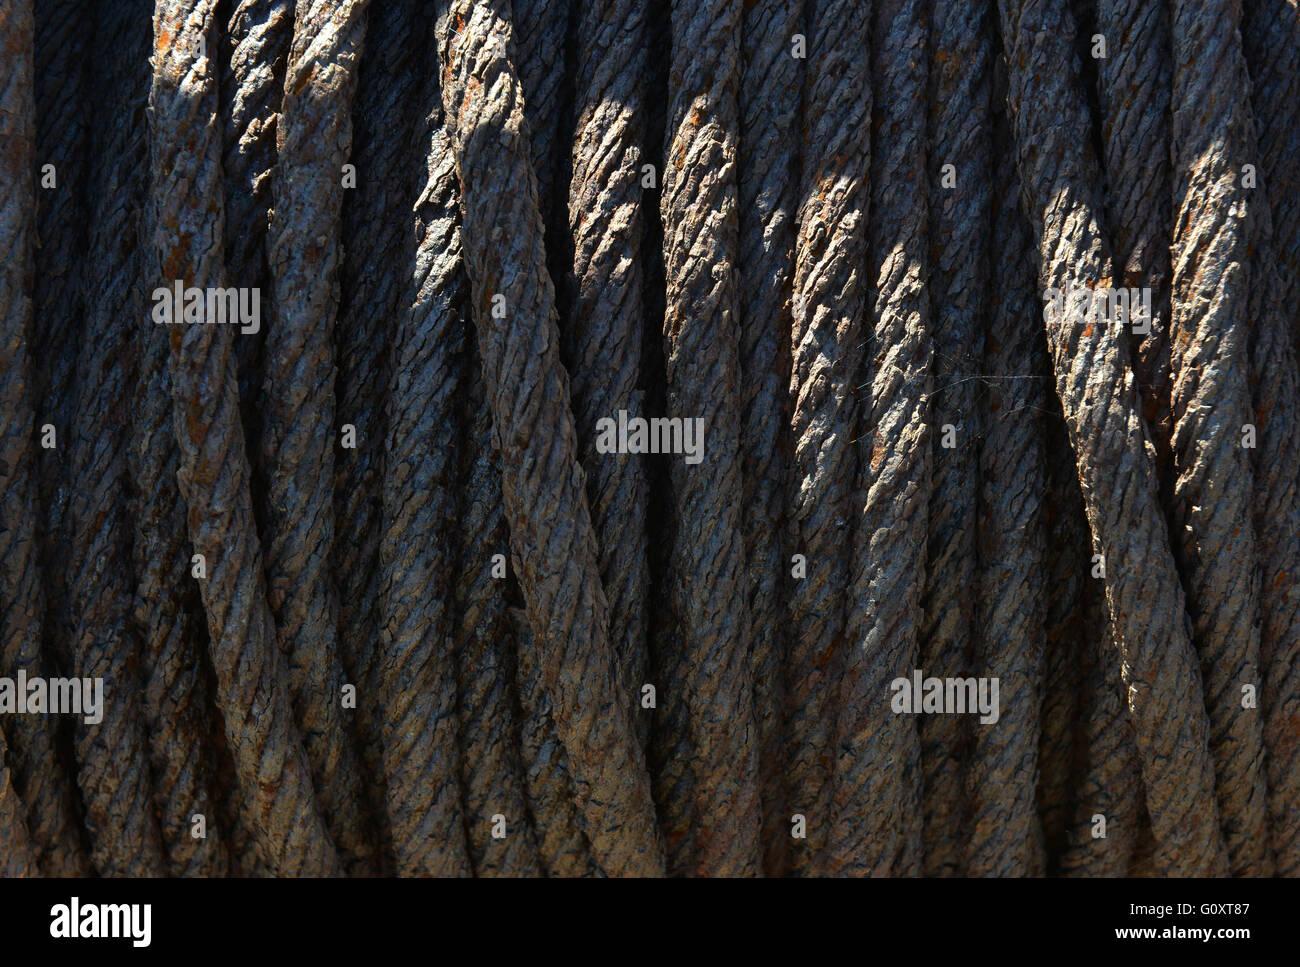 Cuerda de metal oxidado en el viejo barco cabrestante Imagen De Stock